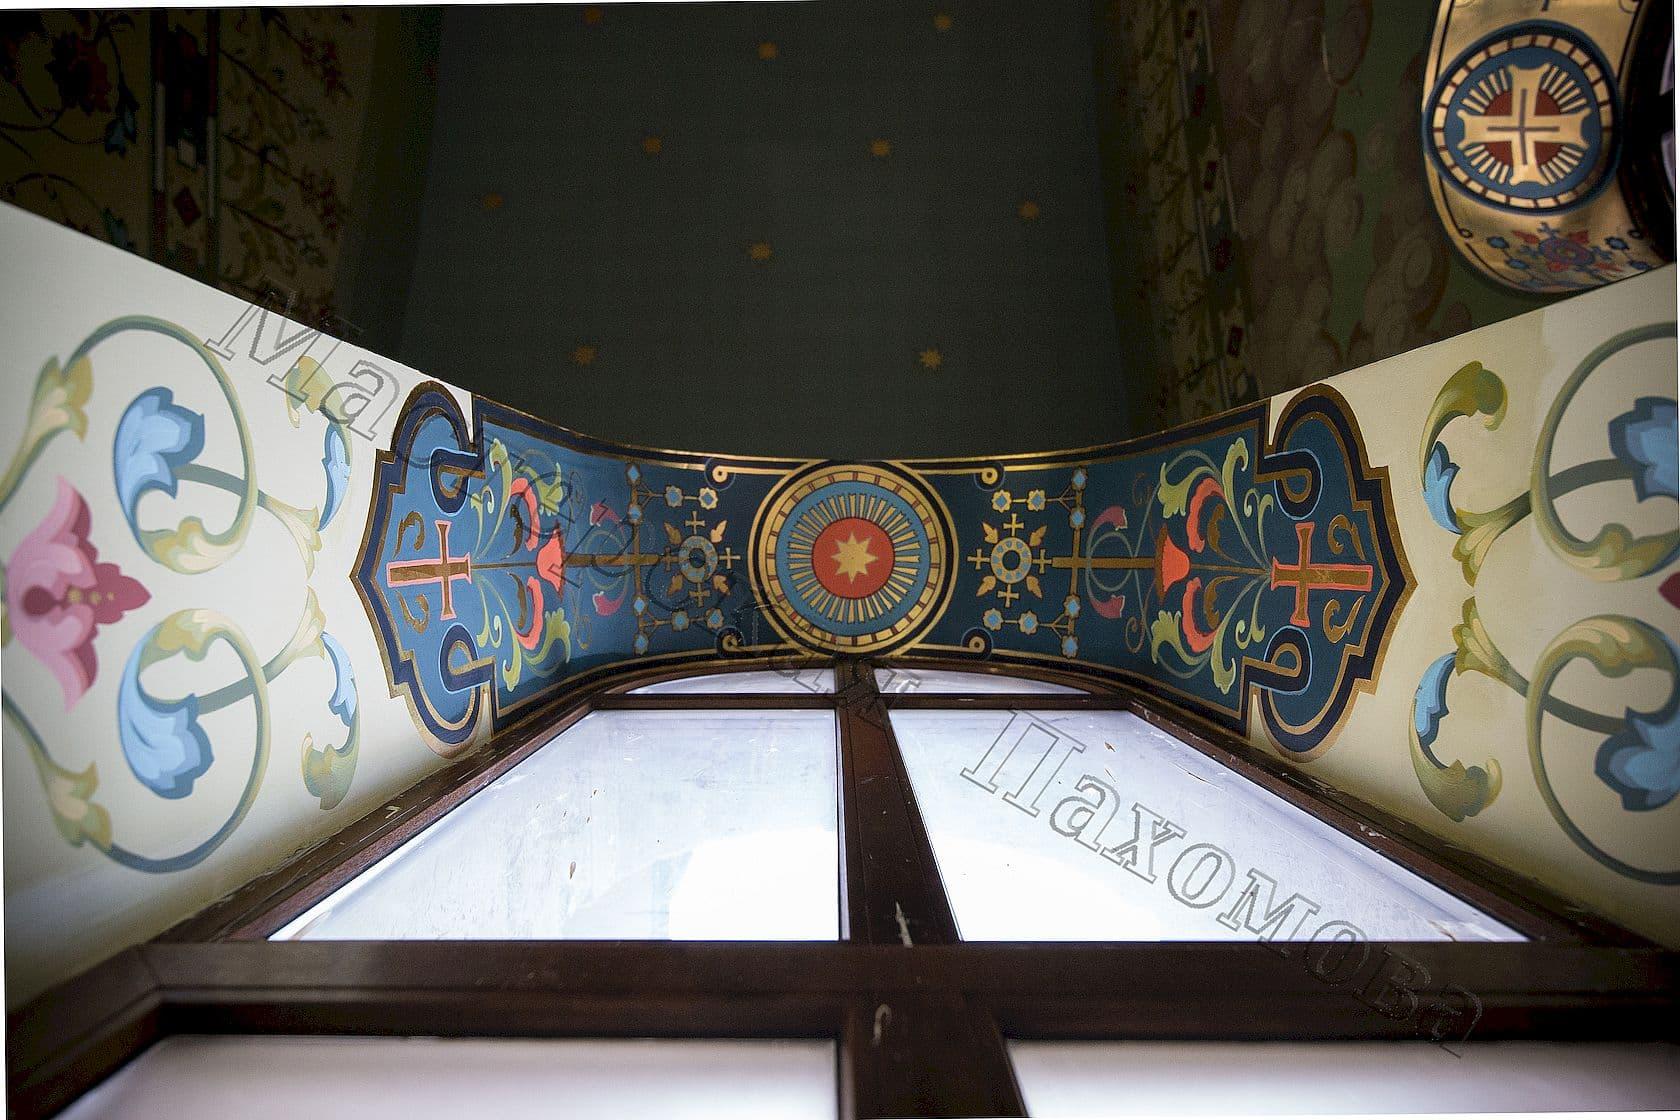 Орнамент на оконном откосе. Роспись храма в ушаковском стиле